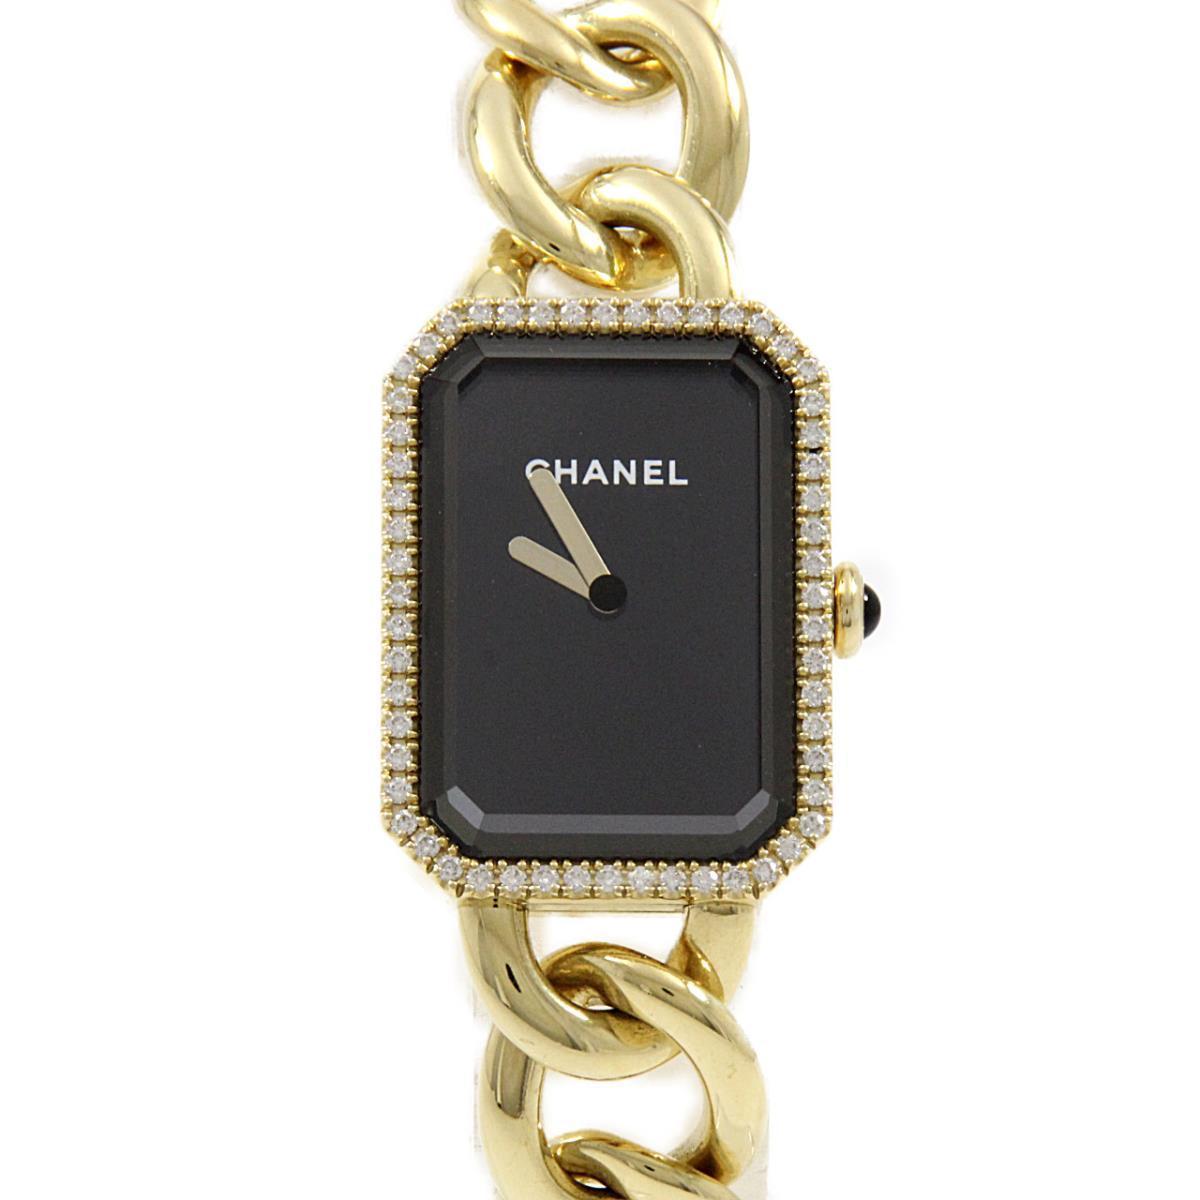 ダイヤを配したシャネルのプルミエール チェーン